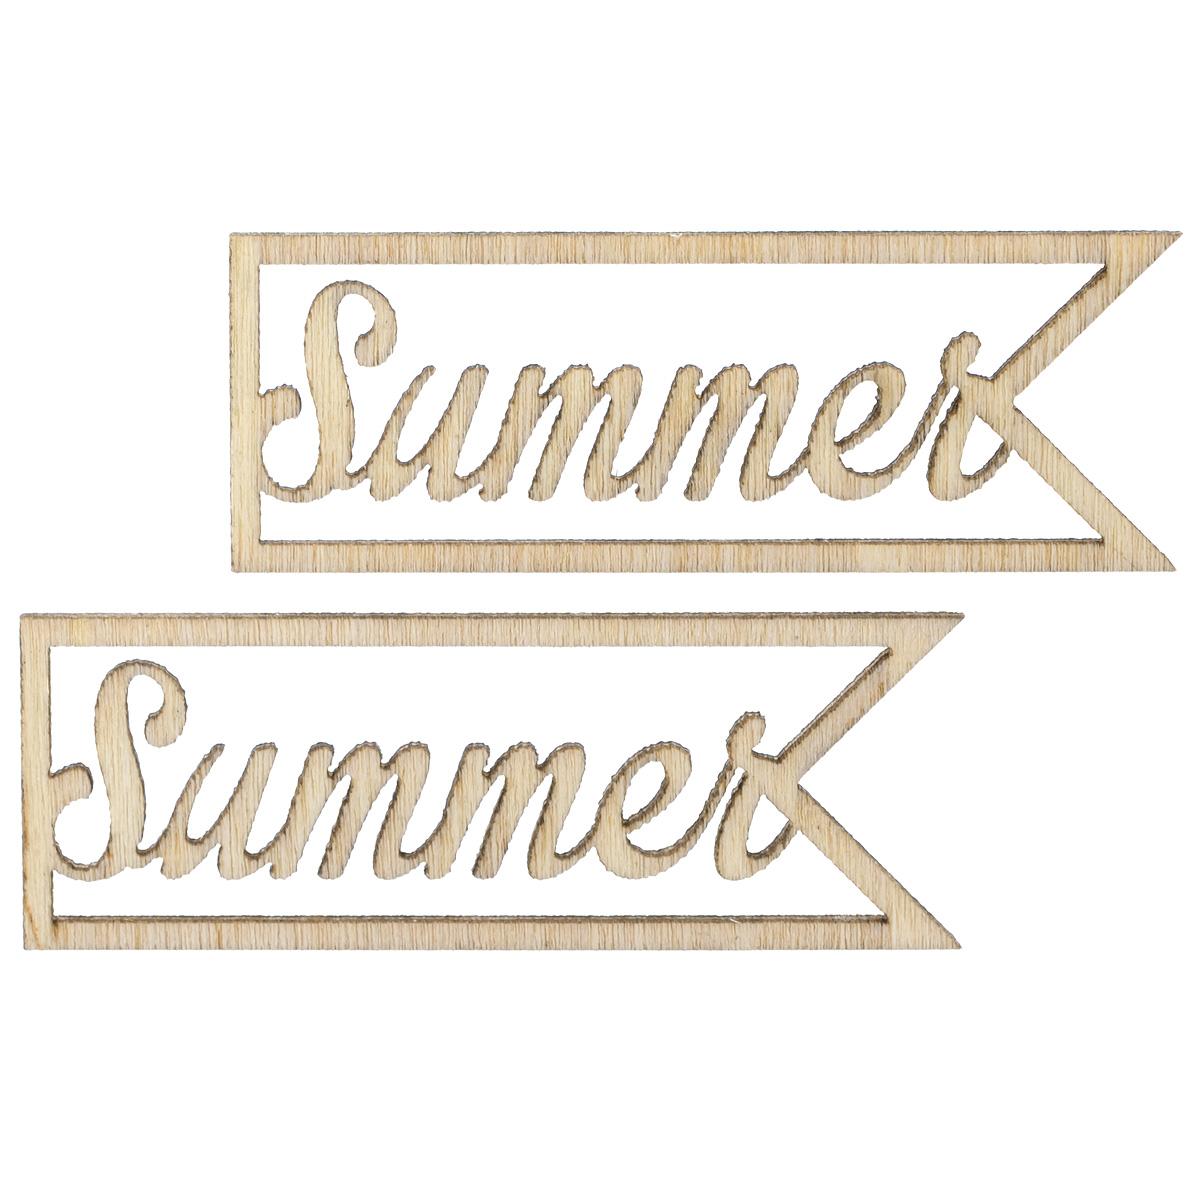 Вырубки из дерева ScrapBerrys Summer, 2 штSCB4400157Лазерные вырубки из дерева ScrapBerrys Summer прекрасно подойдут для оформления творческих работ в технике скрапбукинг. Их можно использовать для украшения фотоальбомов, скрап-страничек, подарков, конвертов, фоторамок, открыток. Набор состоит из 2 элементов с надписью summer. Скрапбукинг - это хобби, которое способно приносить массу приятных эмоций не только человеку, который этим занимается, но и его близким, друзьям, родным. Это невероятно увлекательное занятие, которое поможет вам сохранить наиболее памятные и яркие моменты вашей жизни, а также интересно оформить интерьер дома. Комплектация: 2 шт. Размер элемента: 4,7 см х 1,7 см.